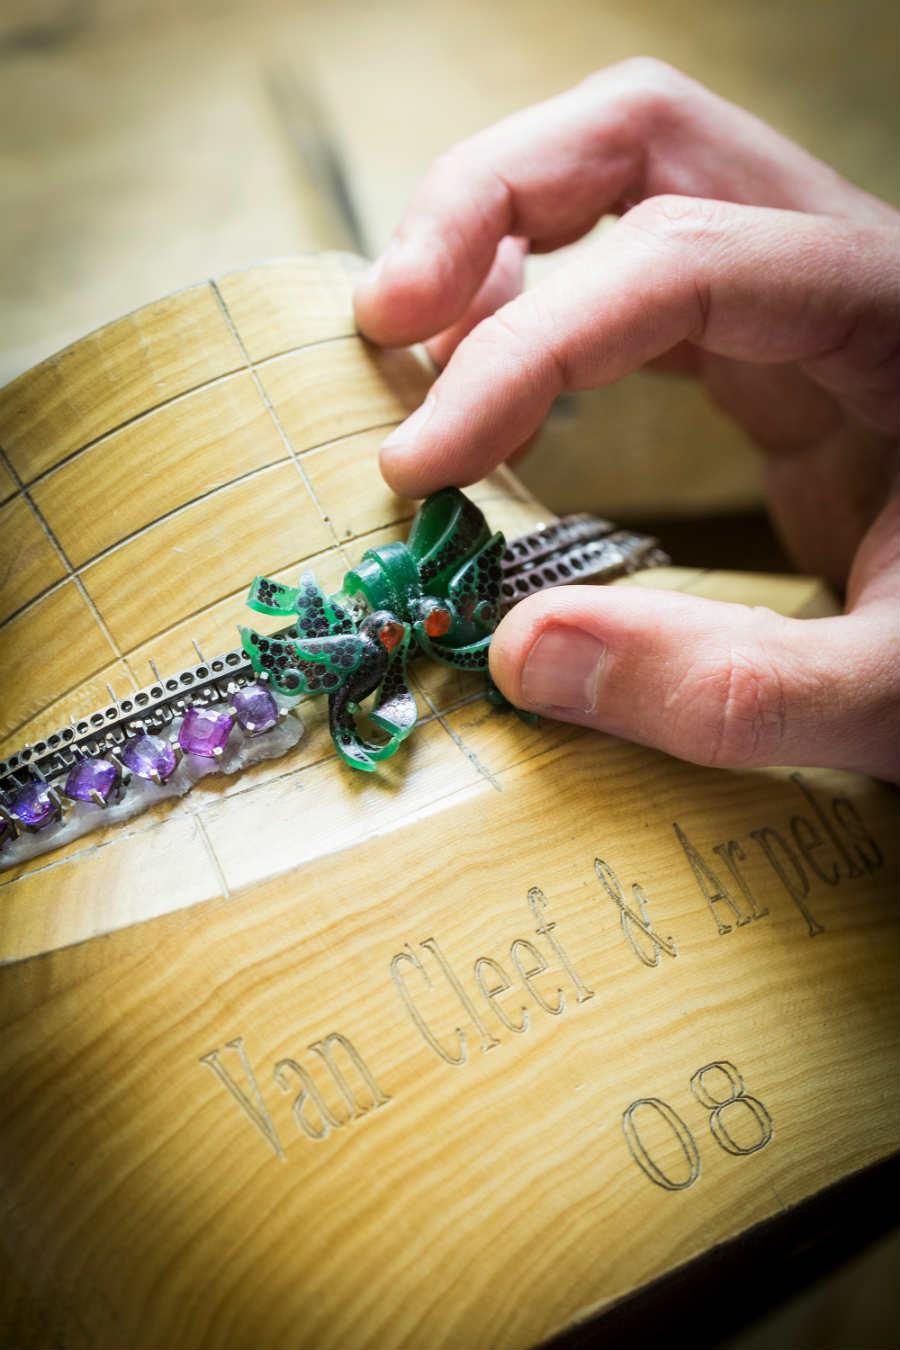 Van Cleef & Arpels - Collezione alta gioielleria Le Secret - Definizione del volume del fermaglio della collana Message Des Hirondelles grazie alla cera. Qui il segreto è celato proprio nel fermaglio a forma di nastro alle cui estremità due rondini una romantica busta in oro rosa.